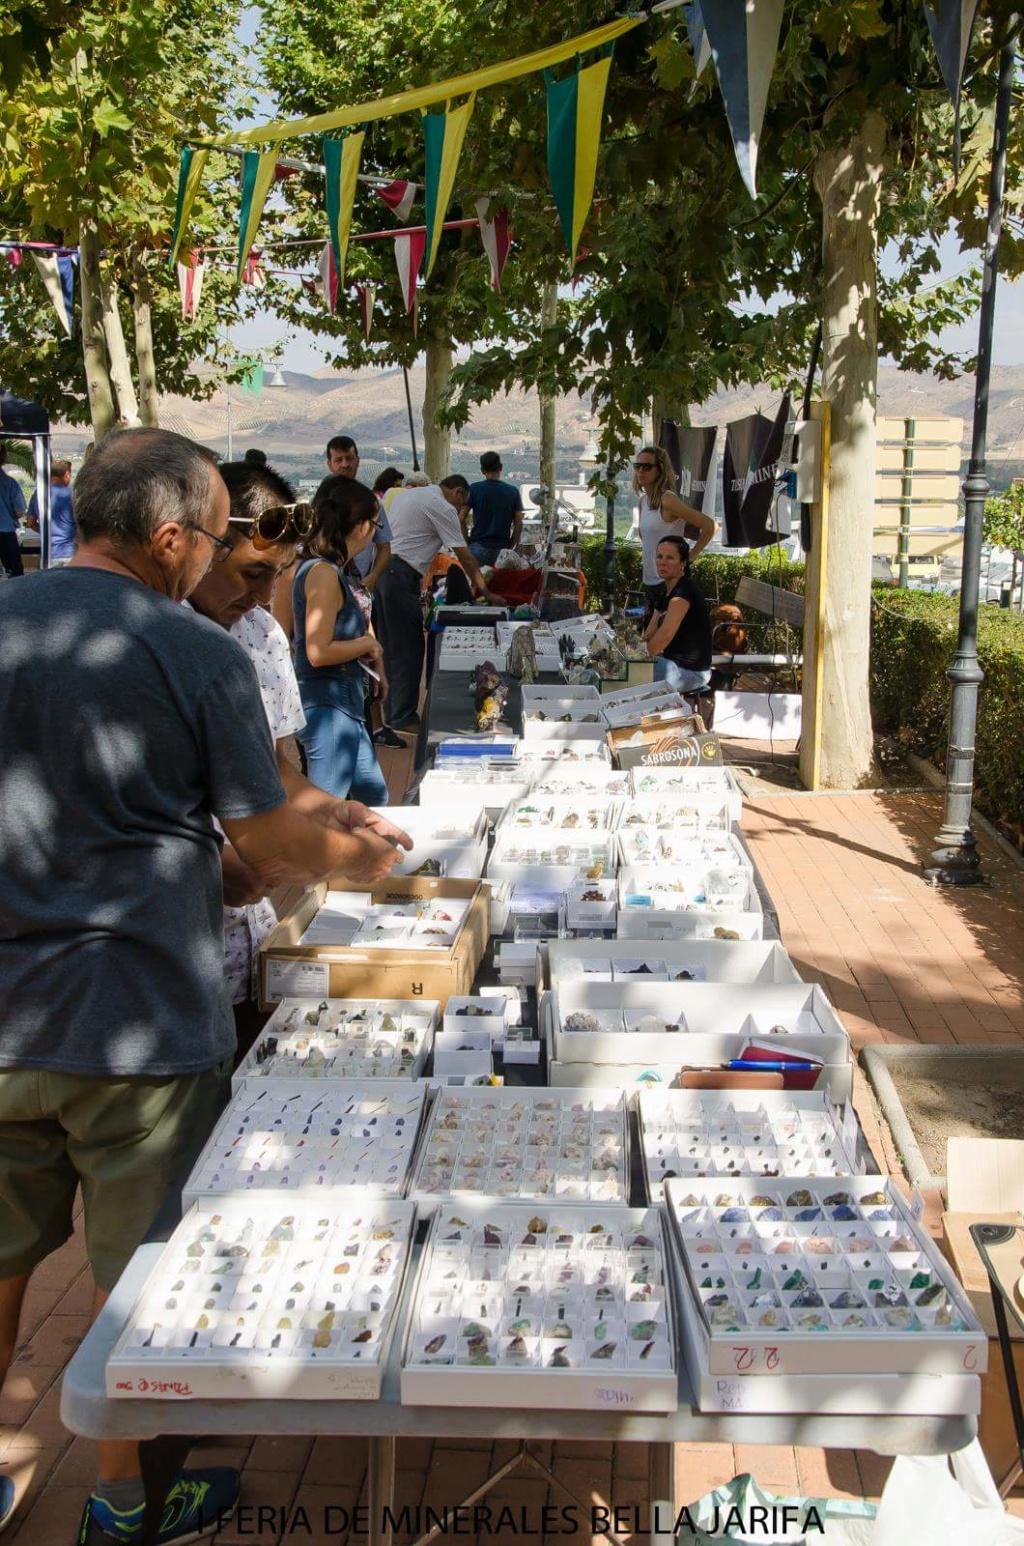 I Feria de minerales intercambio y venta de Cártama (MÁLAGA) - Página 6 Fb_im119